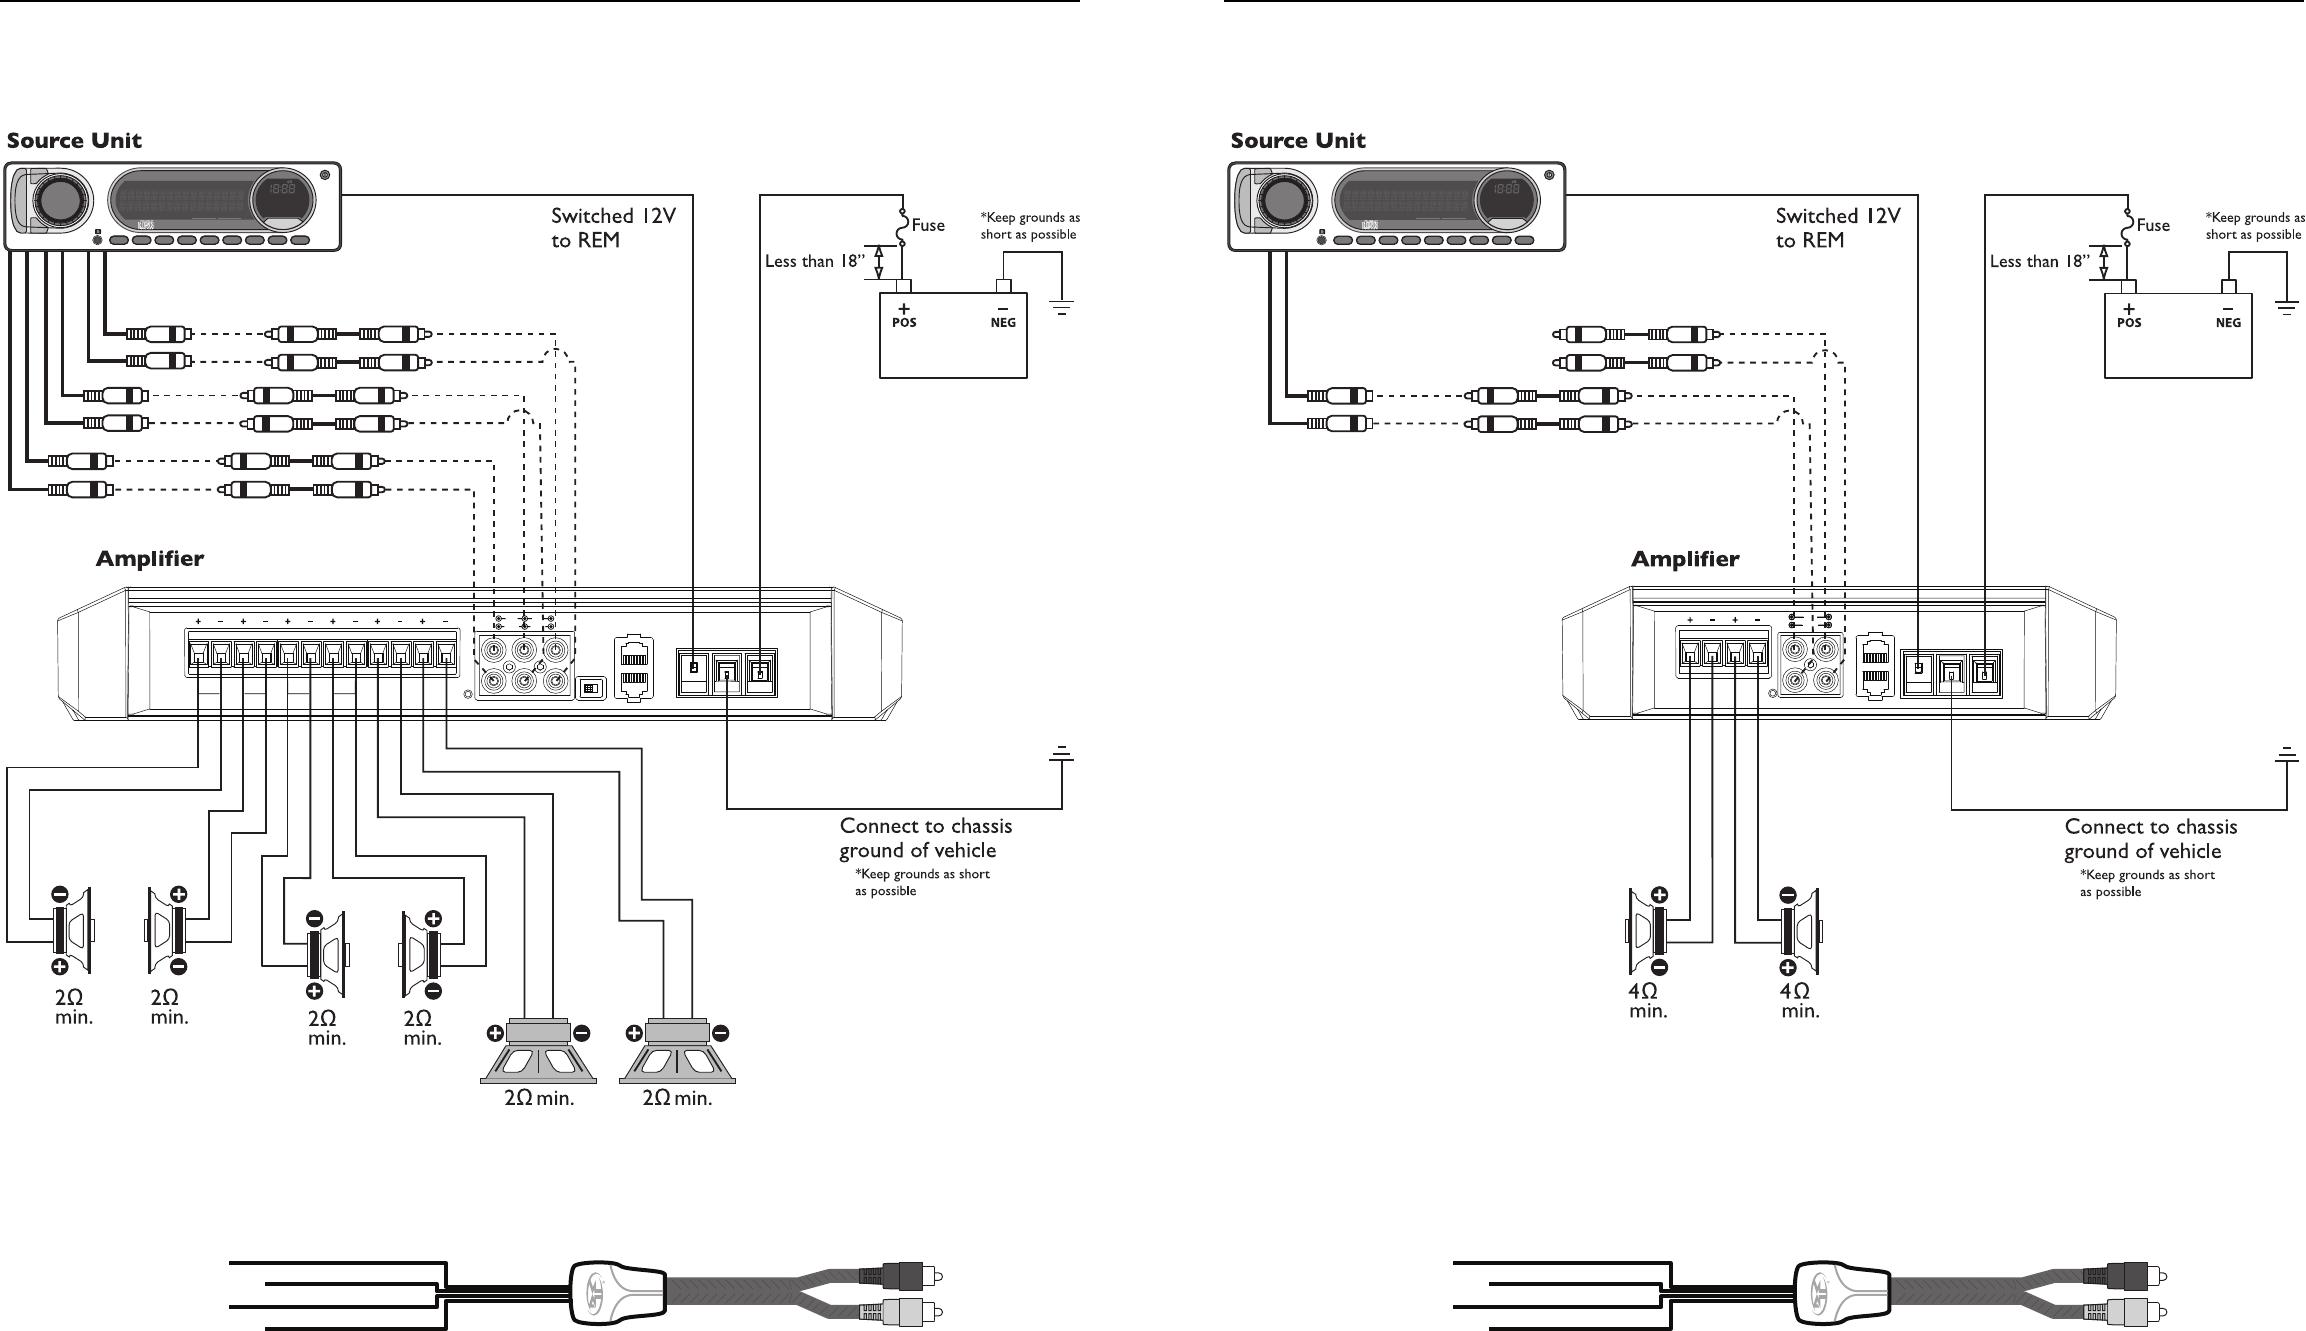 Rockford Fosgate Capacitor Wiring Diagram from www.gebruikershandleiding.com